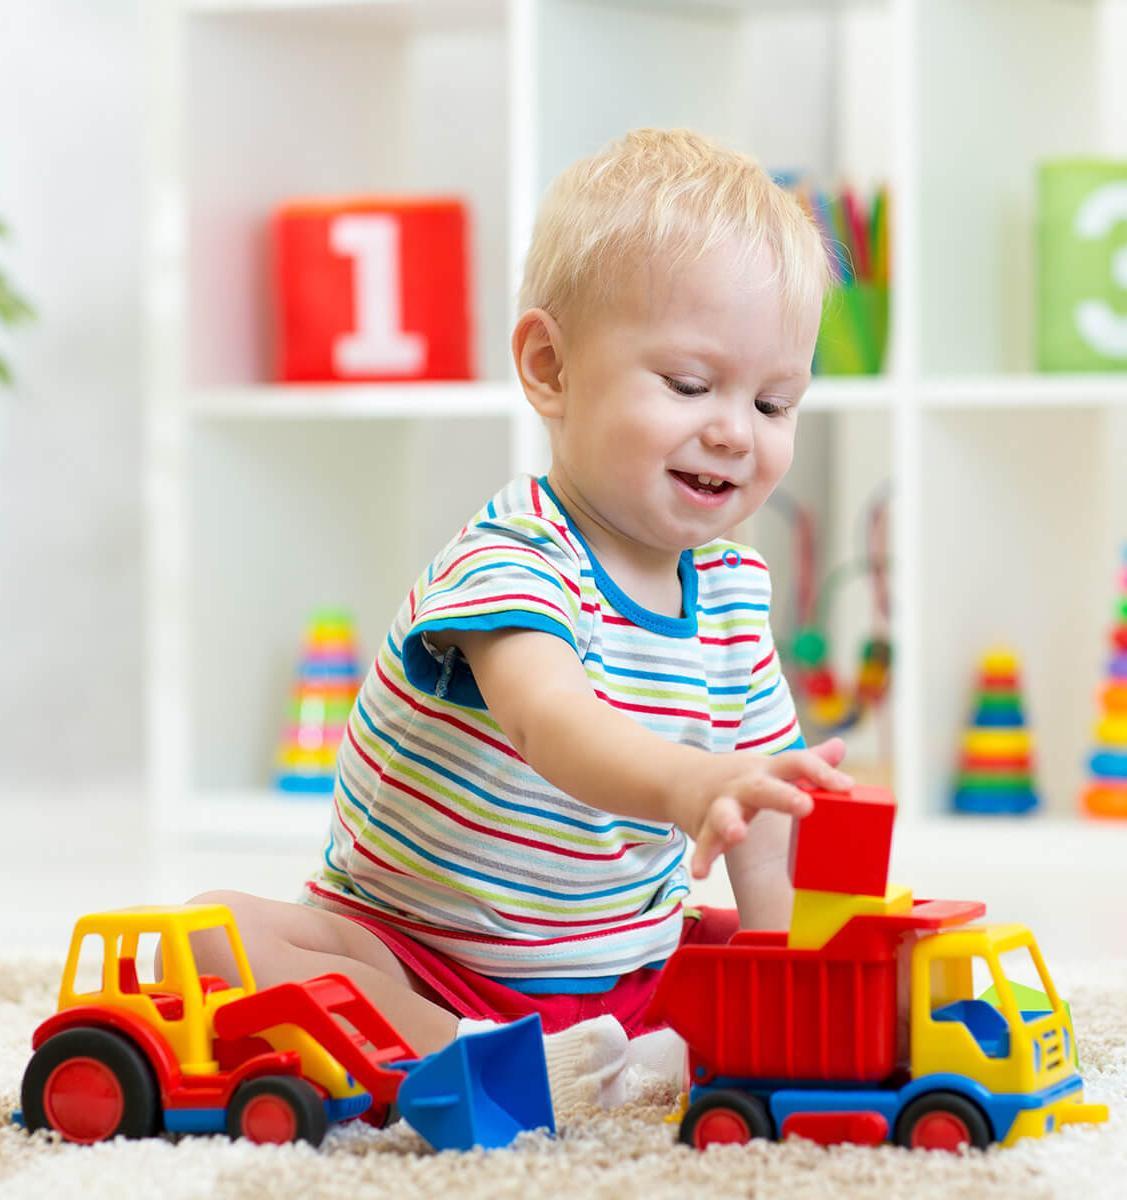 В ЕС ограничили содержание свинца в детских игрушках